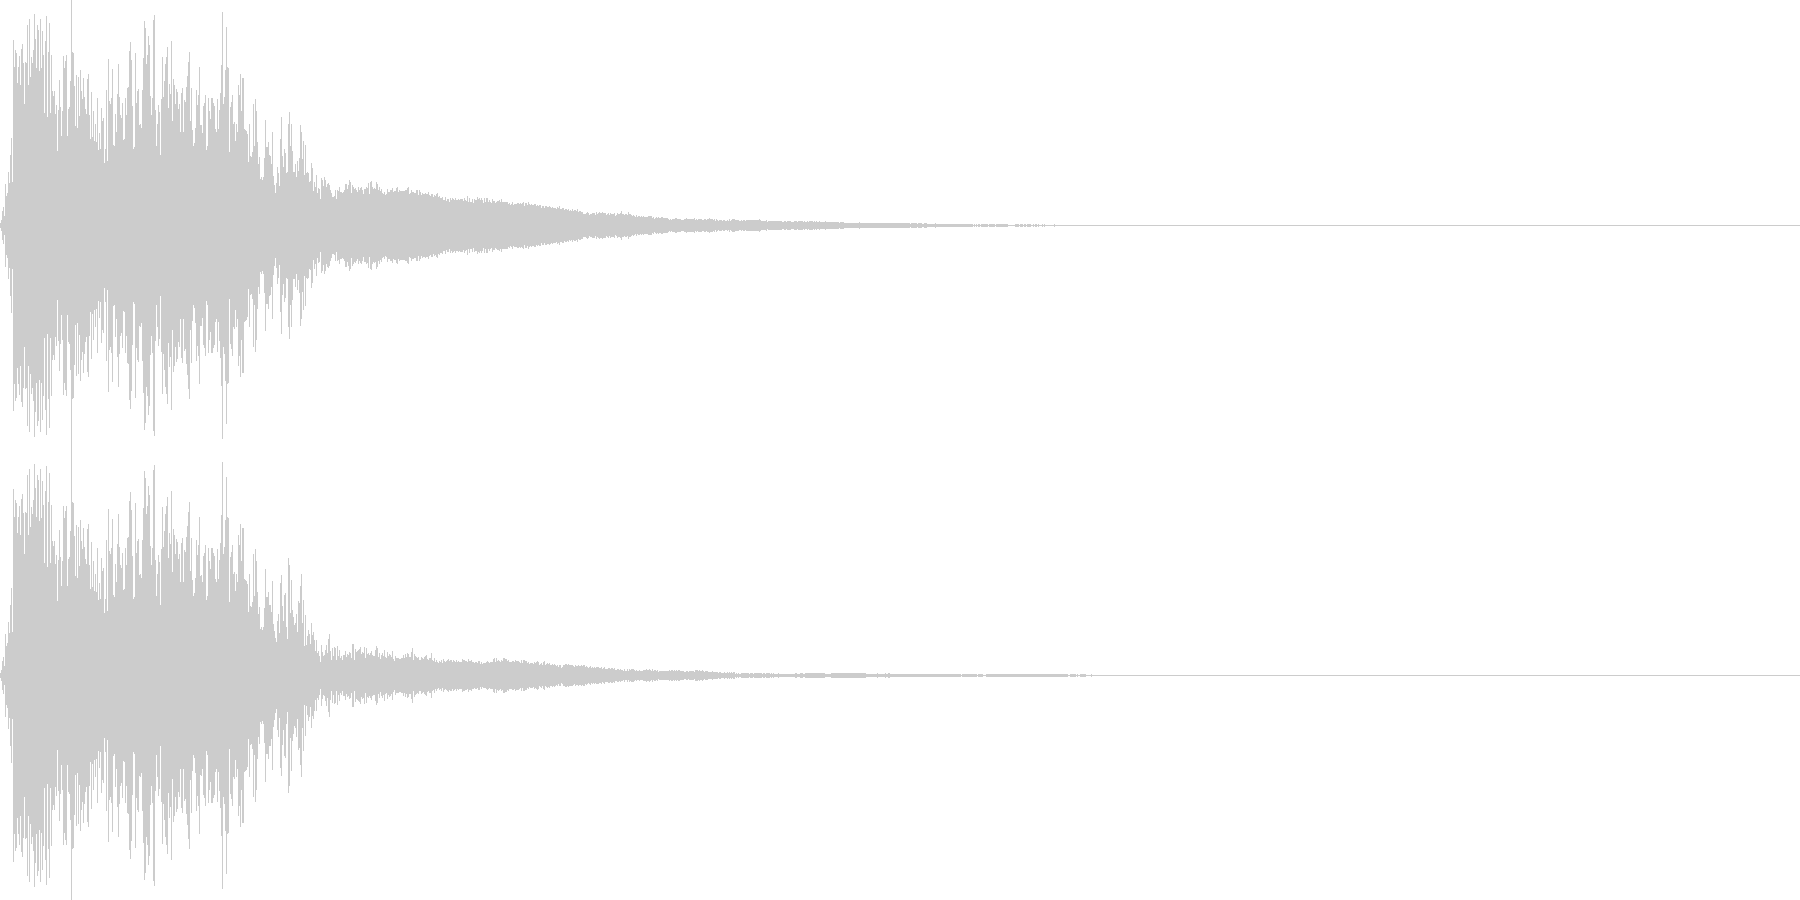 斬撃・シャキーン (斬撃)の未再生の波形